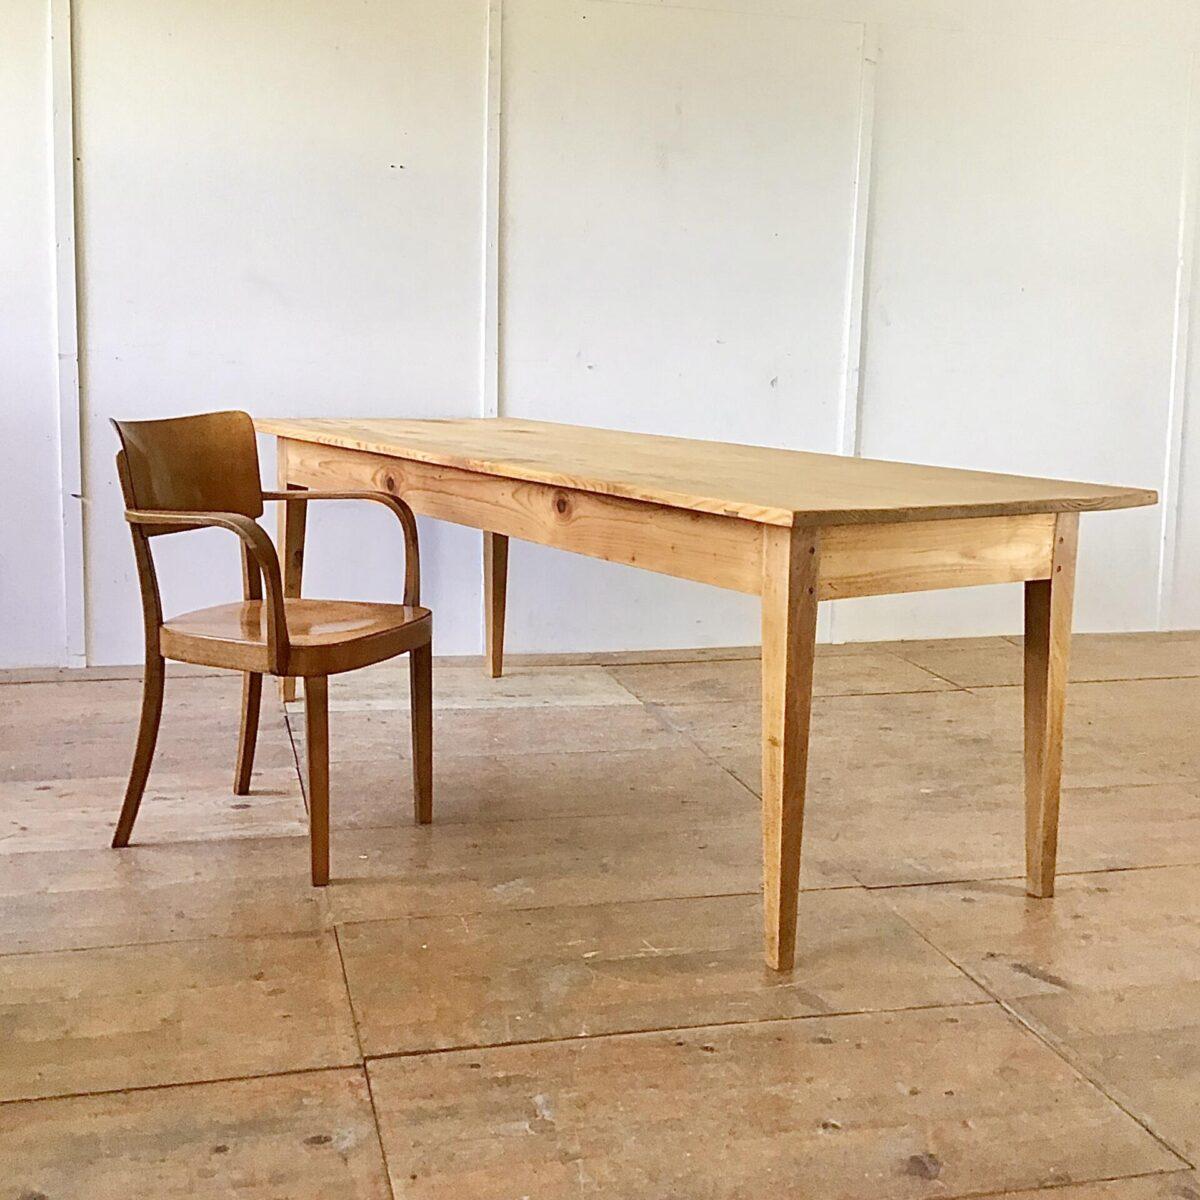 Deuxieme.shop Beizentisch Frisch Aufbereiteter Biedermeiertisch aus Tannenholz. 232x88cm Höhe 77cm. Dieser Esstisch zeichnet sich durch seine praktische Grösse aus, vorallem die grosszügige Tiefe von 88cm ist bei den alten Biedermeier Tischen schwieriger zu finden. Auch das Tischblatt, bestehend aus nur zwei breiten Brettern, hat einen gewissen Seltenheitswert. Auf der Unterseite ist deutlich das Alter zu sehen, durch die Handgehobelte Struktur. Die Holzoberflächen sind mit Naturöl behandelt.